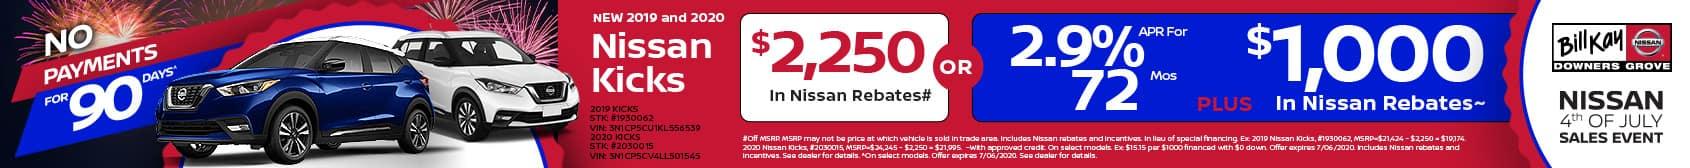 2020 and 2019 Nissan Kicks